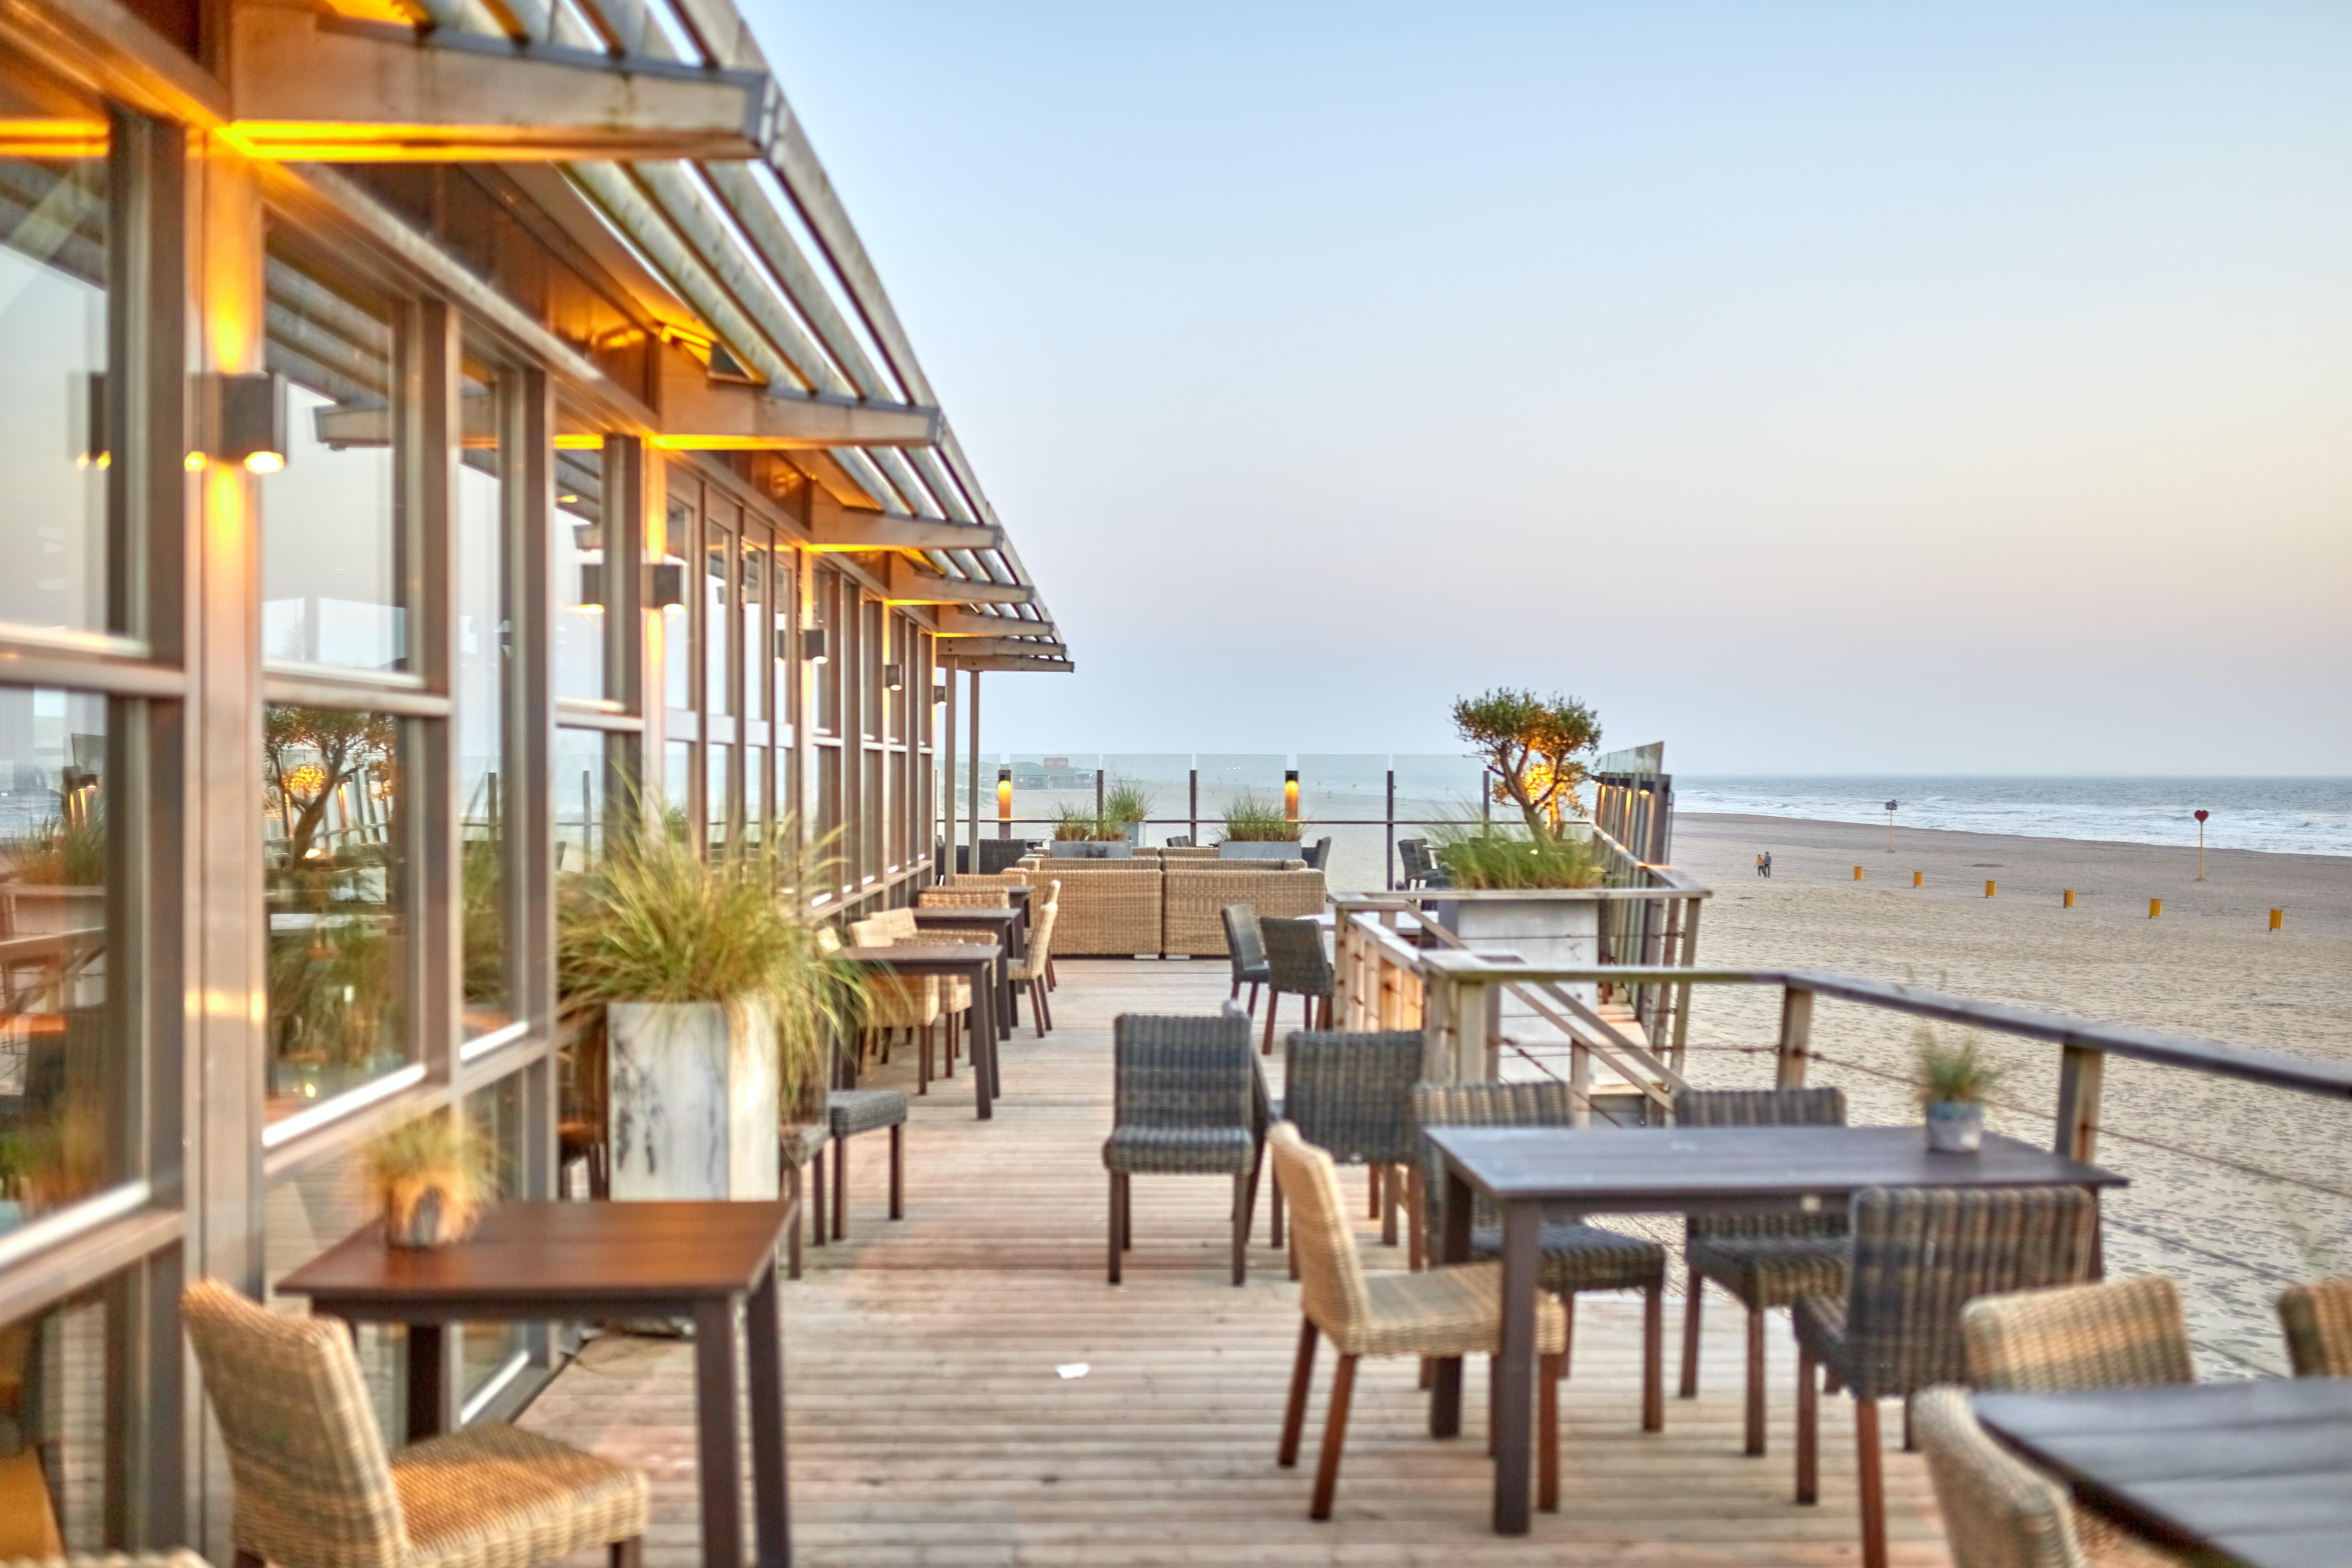 ร้านอาหารริมชายหาด